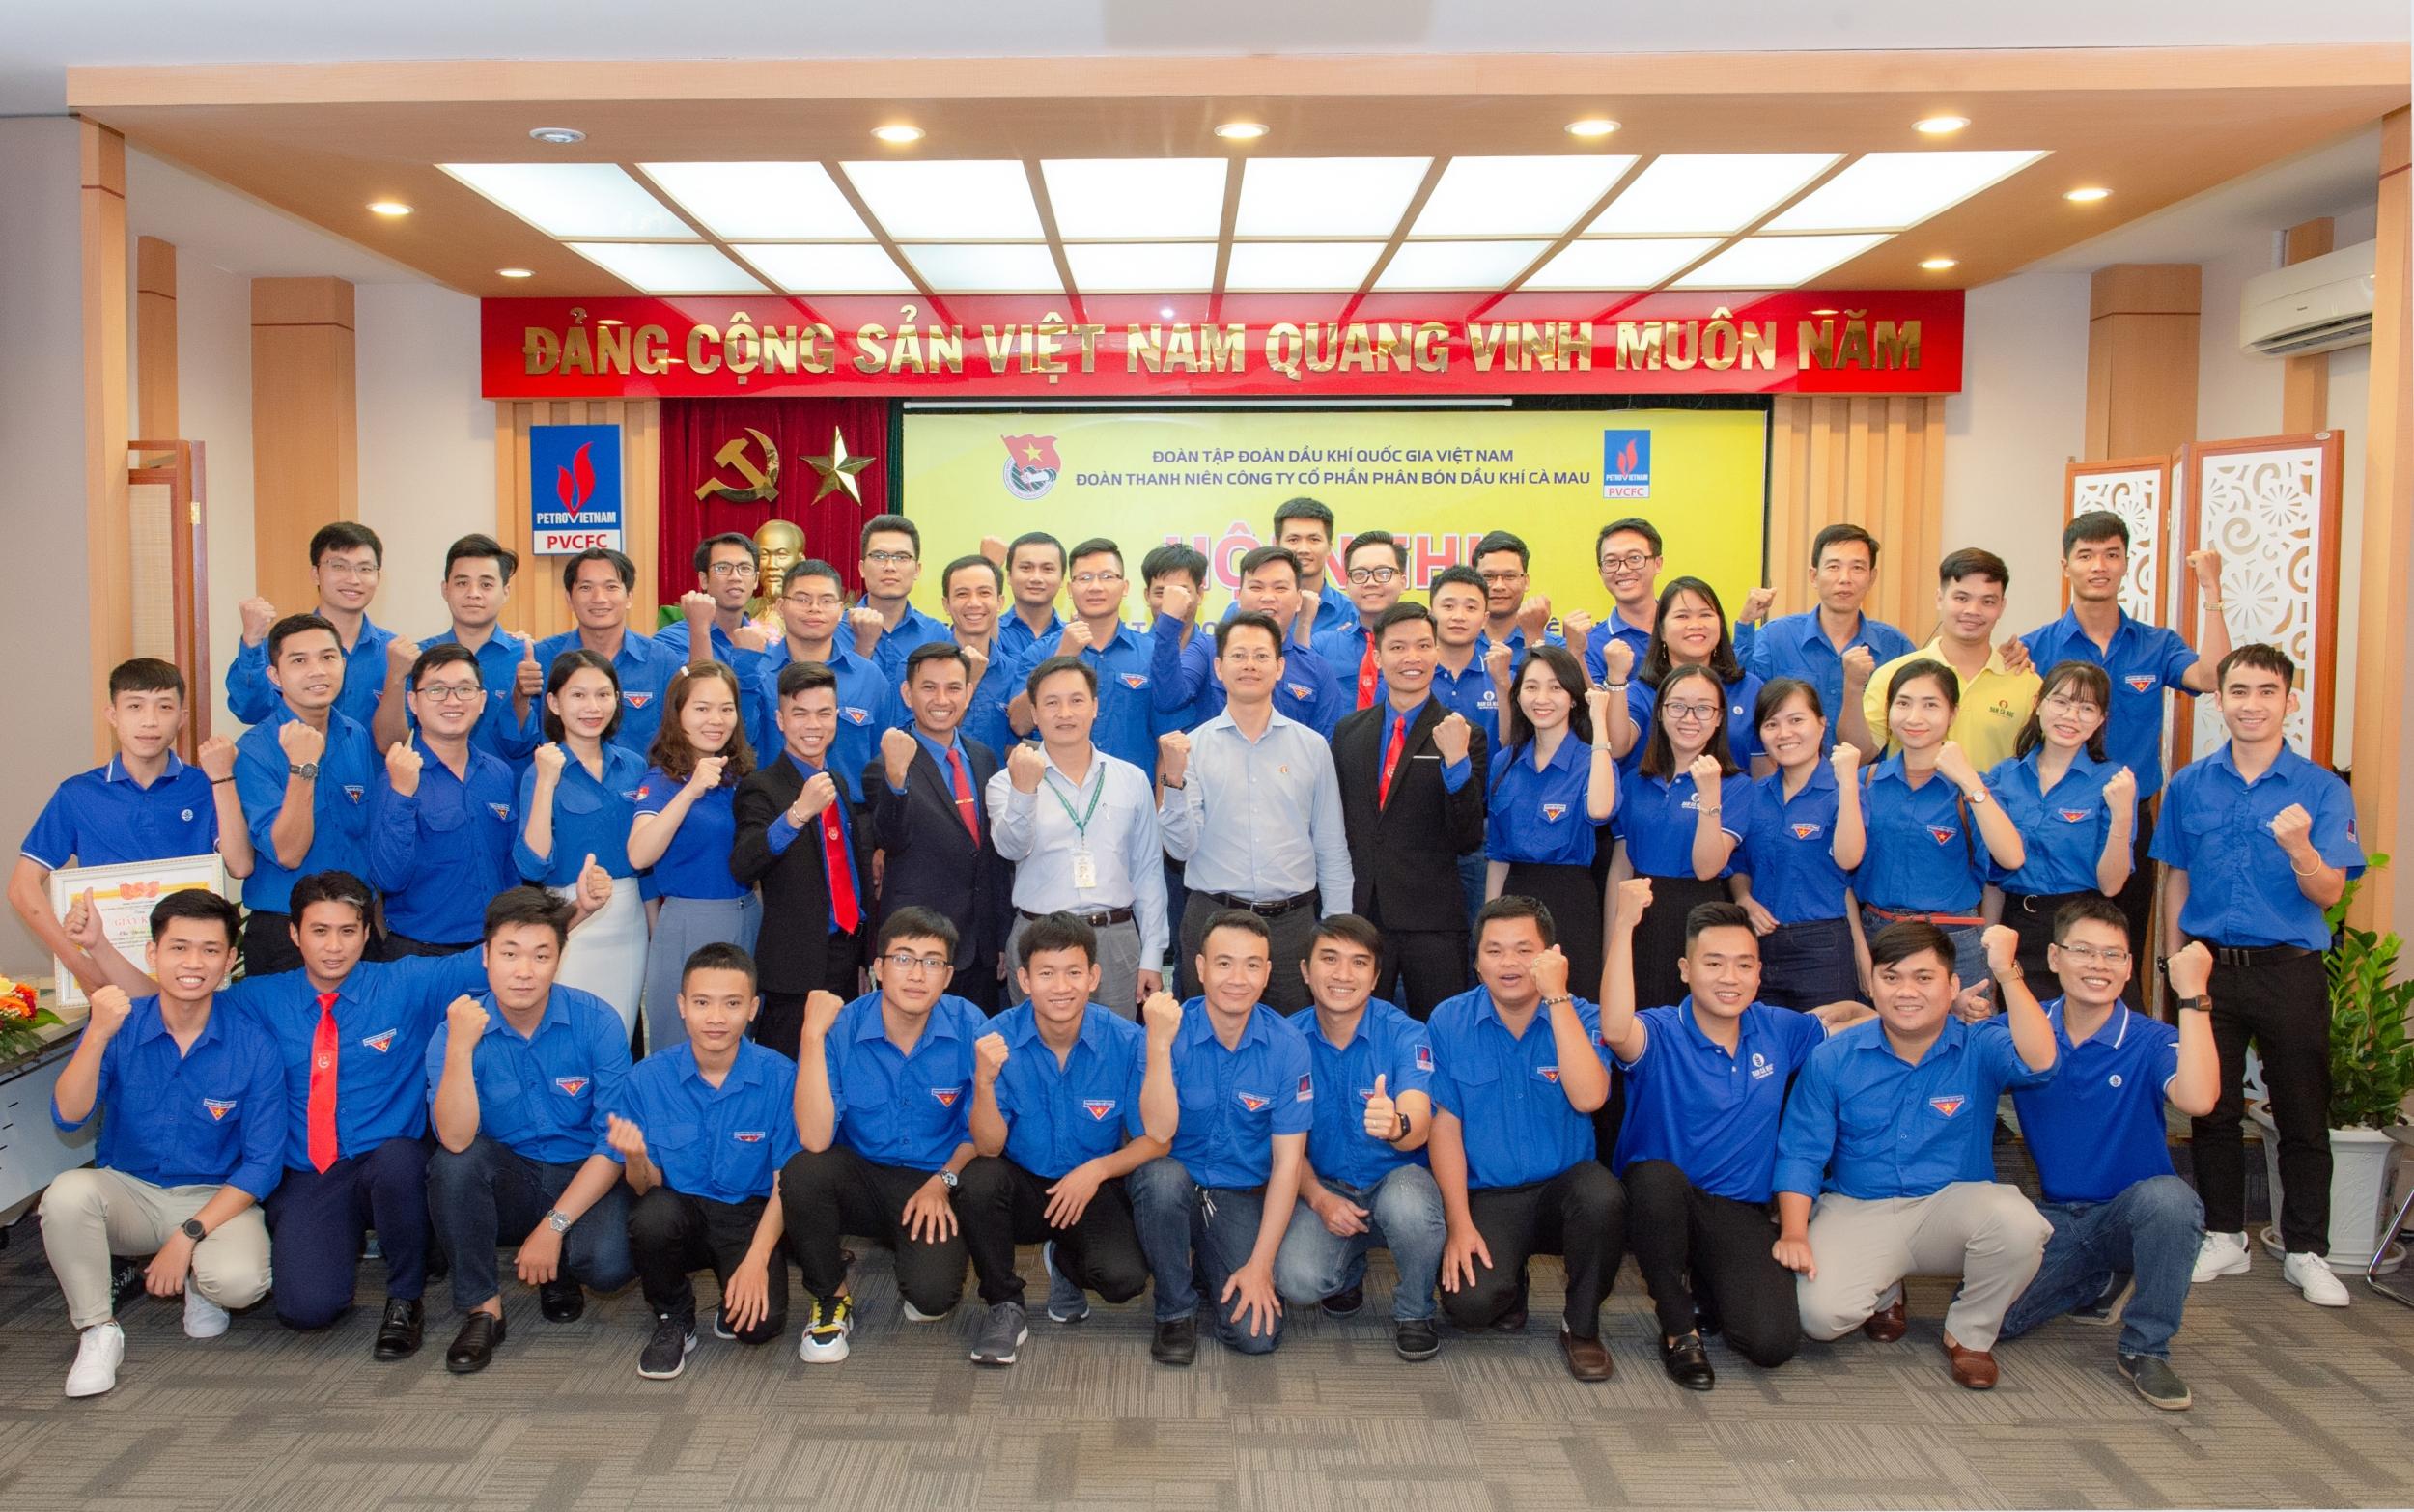 Đoàn cơ sở Công ty Cổ phần Phân bón Dầu khí Cà Mau (PVCFC)